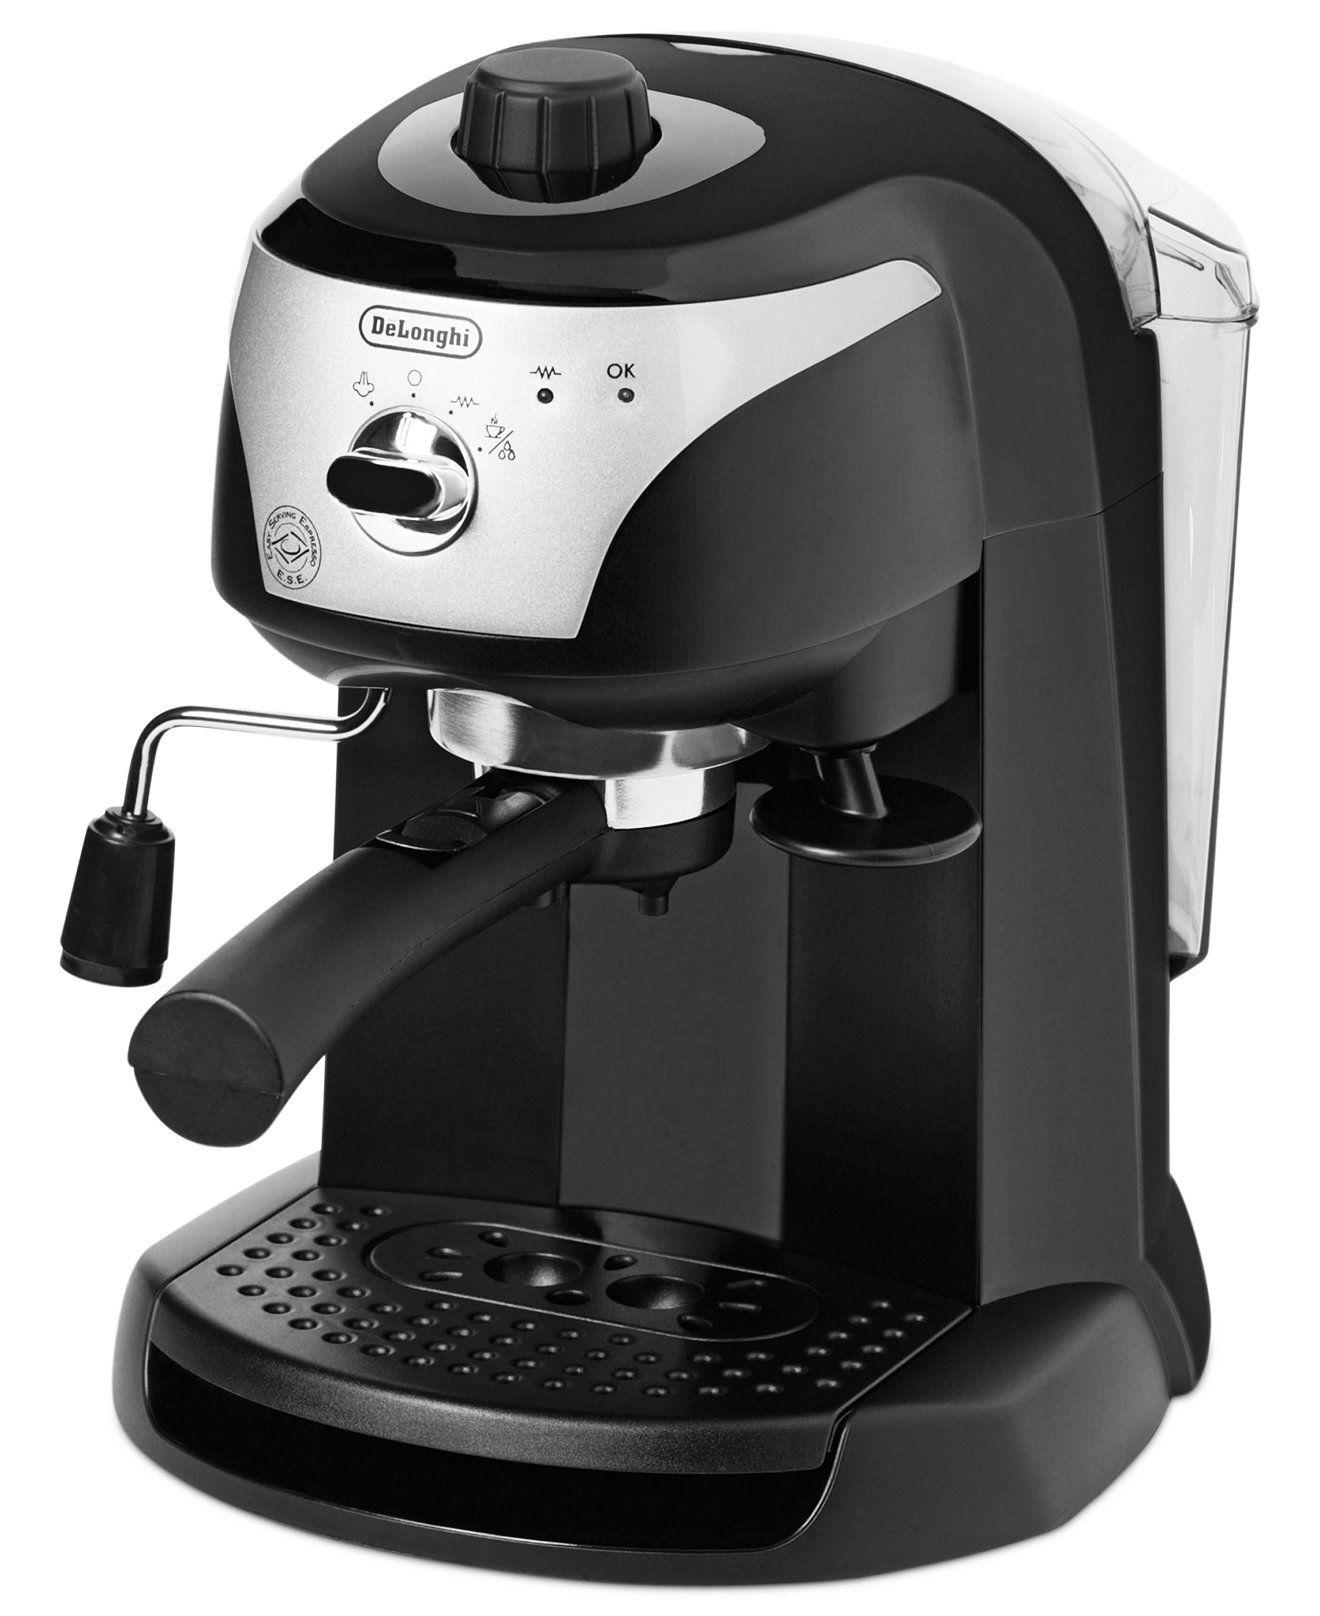 De'Longhi EC220CD Pump Espresso Maker Coffee, Tea